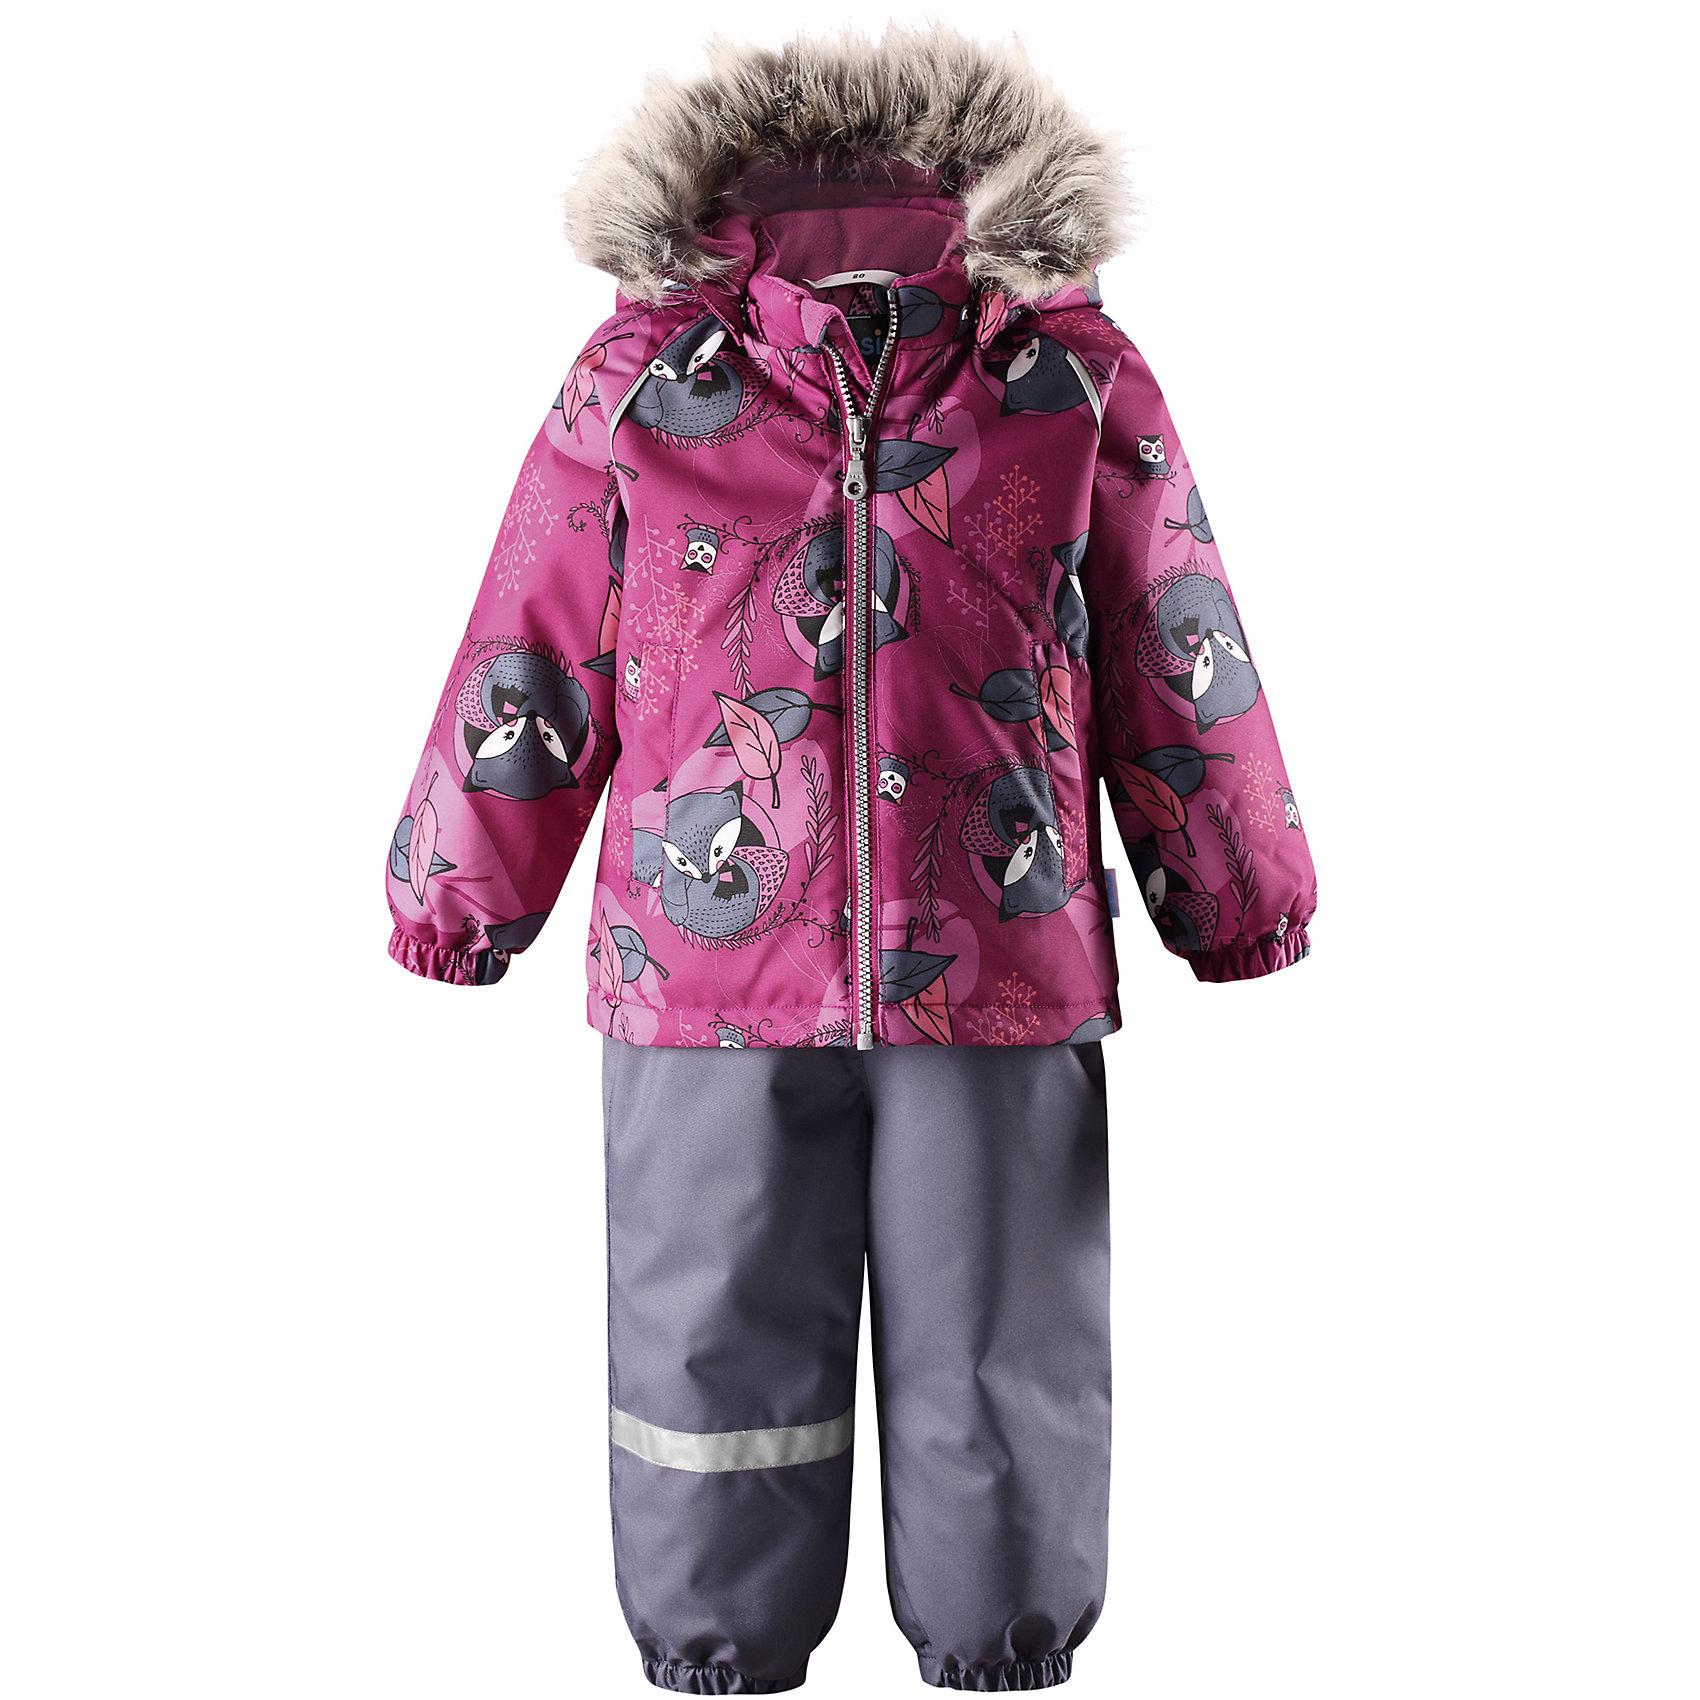 Комплект LassieВерхняя одежда<br>Этот красивый зимний комплект для малышей исполнен волшебного духа зимы, а еще он очень практичный! Комплект изготовлен из прочного, ветронепроницаемого и дышащего материала с верхним водо- и грязеотталкивающим слоем, он обеспечивает полный комфорт во время веселых прогулок. Безопасный съемный капюшон украшает стильная оторочка из искусственного меха, а регулируемый подол позволяет откорректировать куртку идеально по фигуре. Обратите внимание на удобные съемные штрипки, за счет которых брюки не будут задираться, и съемные регулируемые подтяжки – брюки не будут спадать, как ни бегай!<br>Состав:<br>100% Полиэстер<br><br>Ширина мм: 356<br>Глубина мм: 10<br>Высота мм: 245<br>Вес г: 519<br>Цвет: розовый<br>Возраст от месяцев: 24<br>Возраст до месяцев: 36<br>Пол: Унисекс<br>Возраст: Детский<br>Размер: 98,74,80,86,92<br>SKU: 6905416